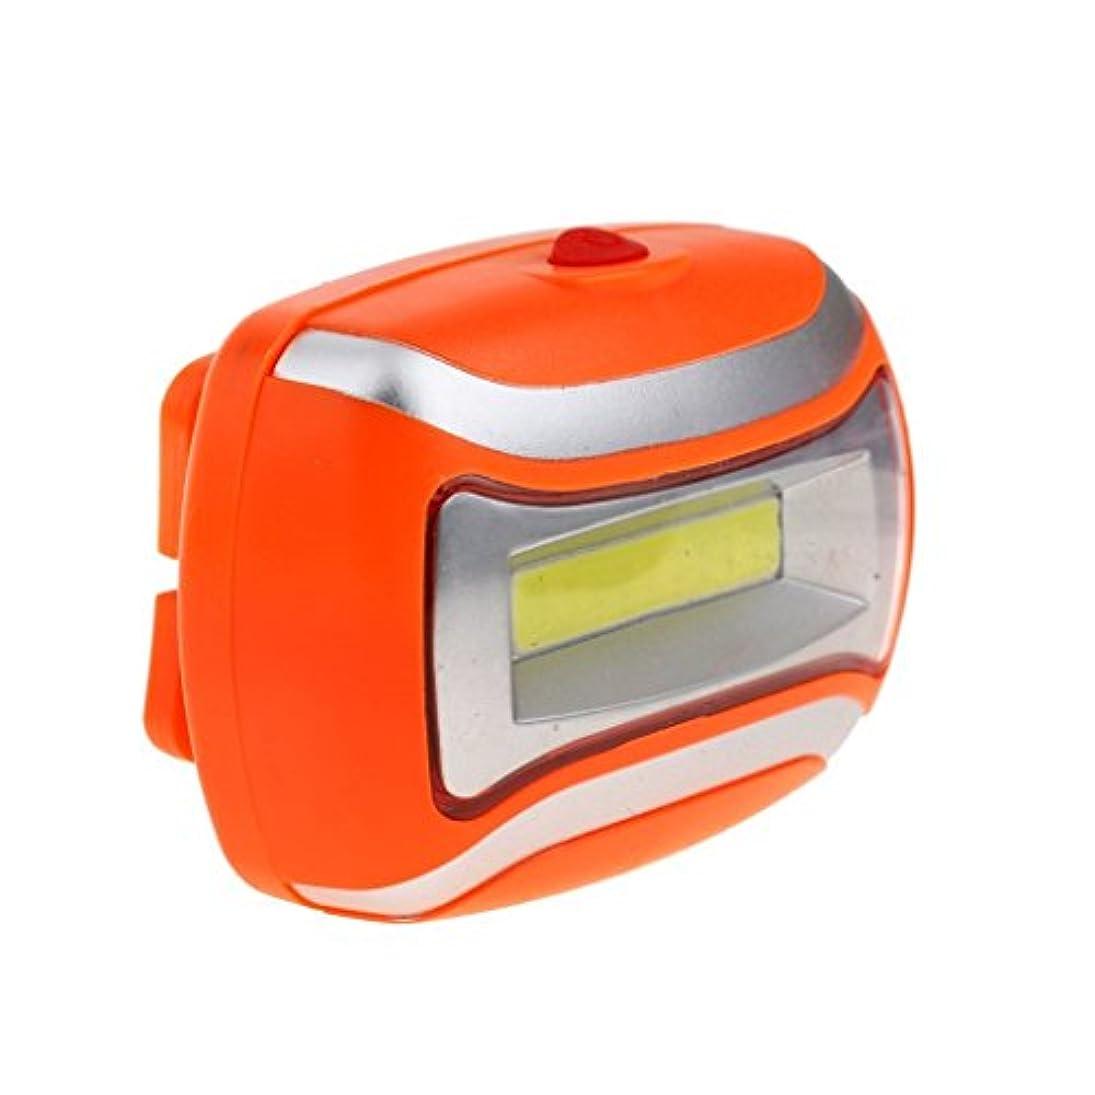 安全毛布はっきりしないOutfun 防水 600LM COB ヘッドライト 3W LED ライト アウトドア サイクリング ヘッド ランプ